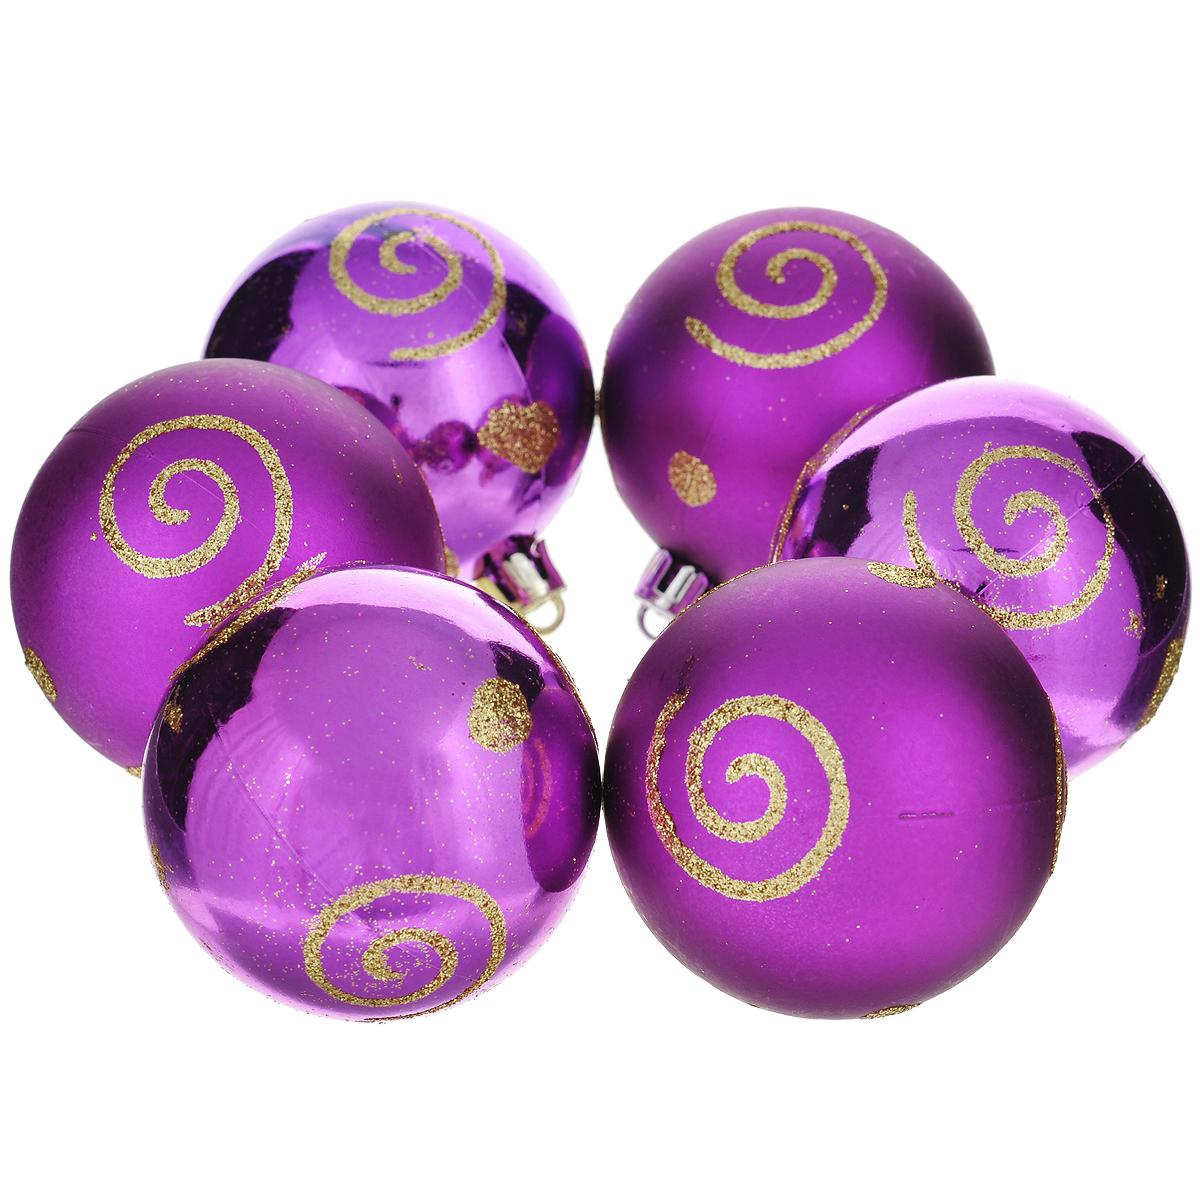 Набор новогодних подвесных украшений Шар, цвет: фиолетовый, диаметр 6 см, 6 шт. 3552135521Набор новогодних подвесных украшений Шар прекрасно подойдет для праздничного декора новогодней ели. Состоит из шести шаров. Елочная игрушка - символ Нового года. Она несет в себе волшебство и красоту праздника. Создайте в своем доме атмосферу веселья и радости, украшая новогоднюю елку нарядными игрушками, которые будут из года в год накапливать теплоту воспоминаний. Коллекция декоративных украшений принесет в ваш дом ни с чем несравнимое ощущение волшебства! Откройте для себя удивительный мир сказок и грез. Почувствуйте волшебные минуты ожидания праздника, создайте новогоднее настроение вашим дорогим и близким.